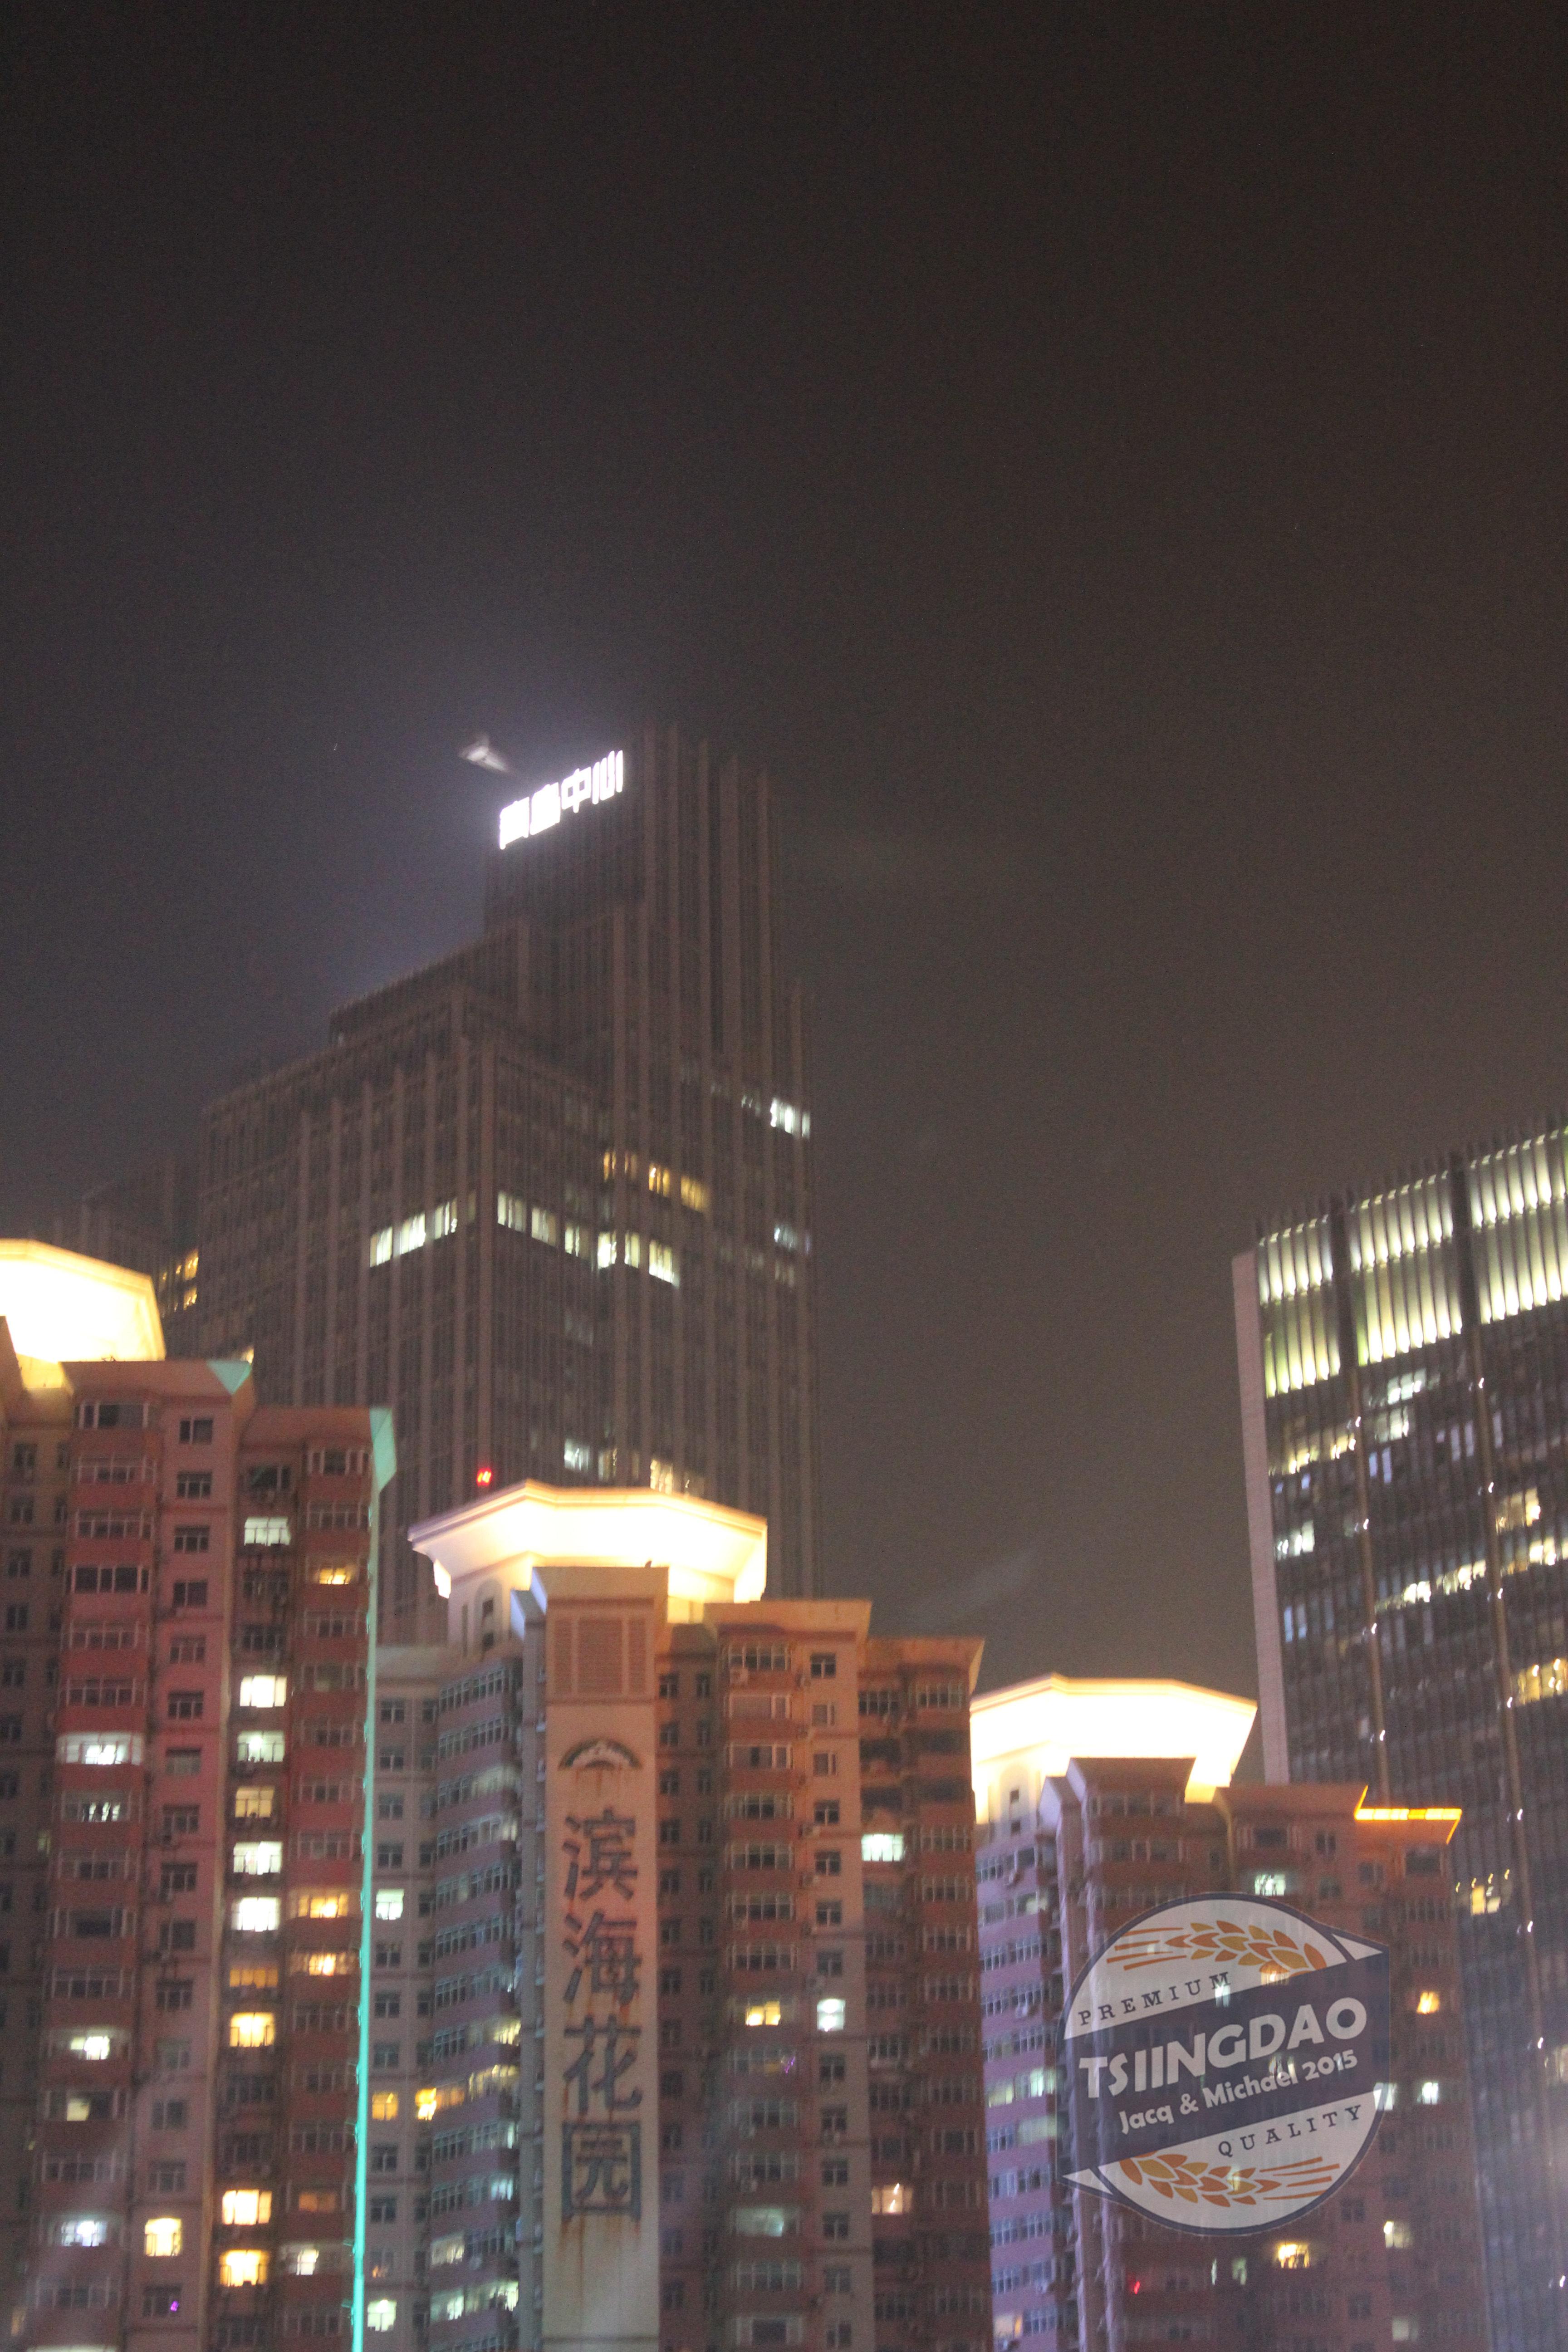 青岛威斯汀酒店位于香港中路